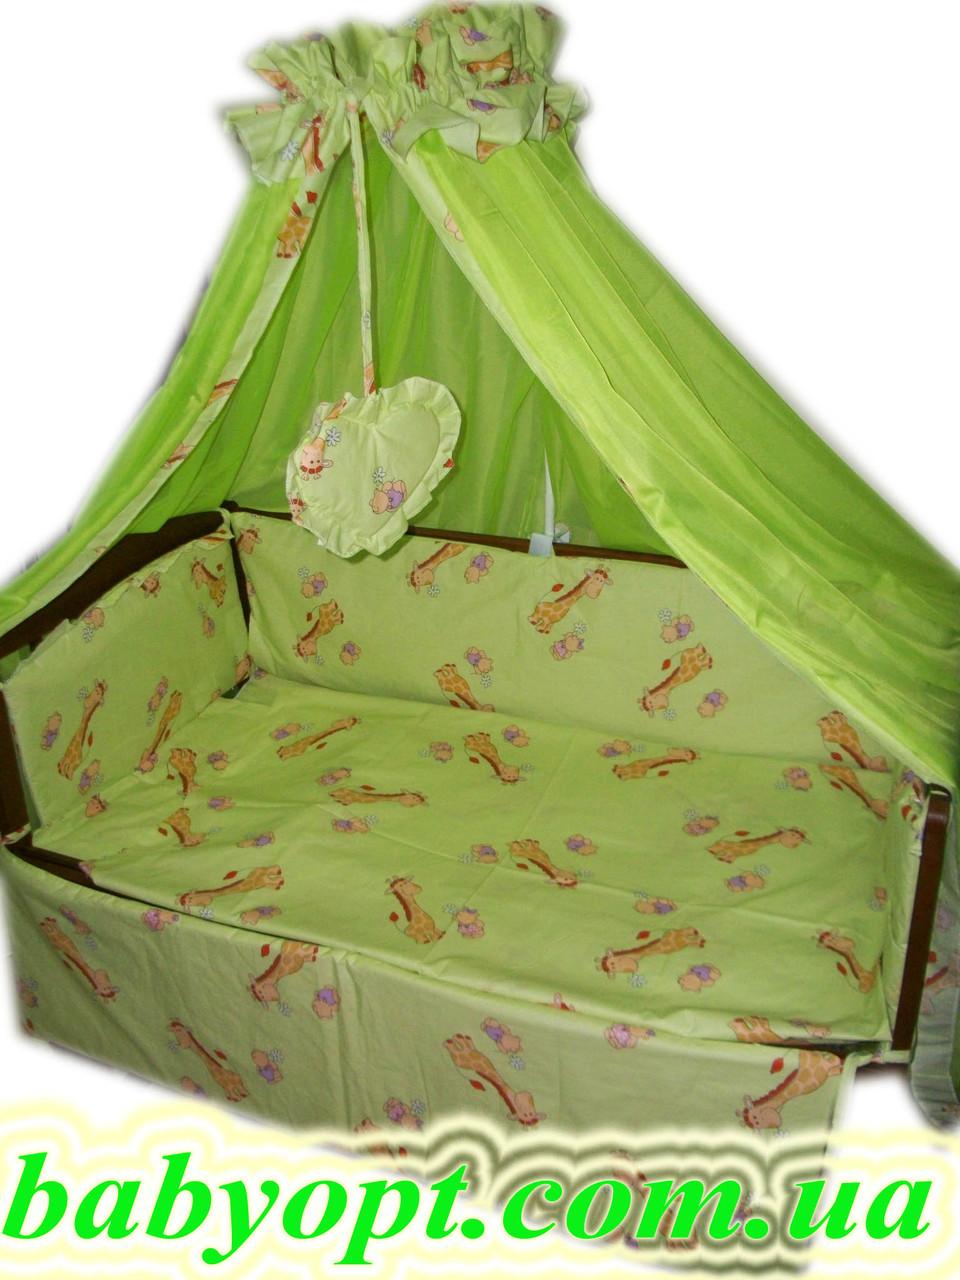 Постельное бельё в детскую кроватку Baby жирафы салатовые 8 эл. В подарок - подвеска сердечко